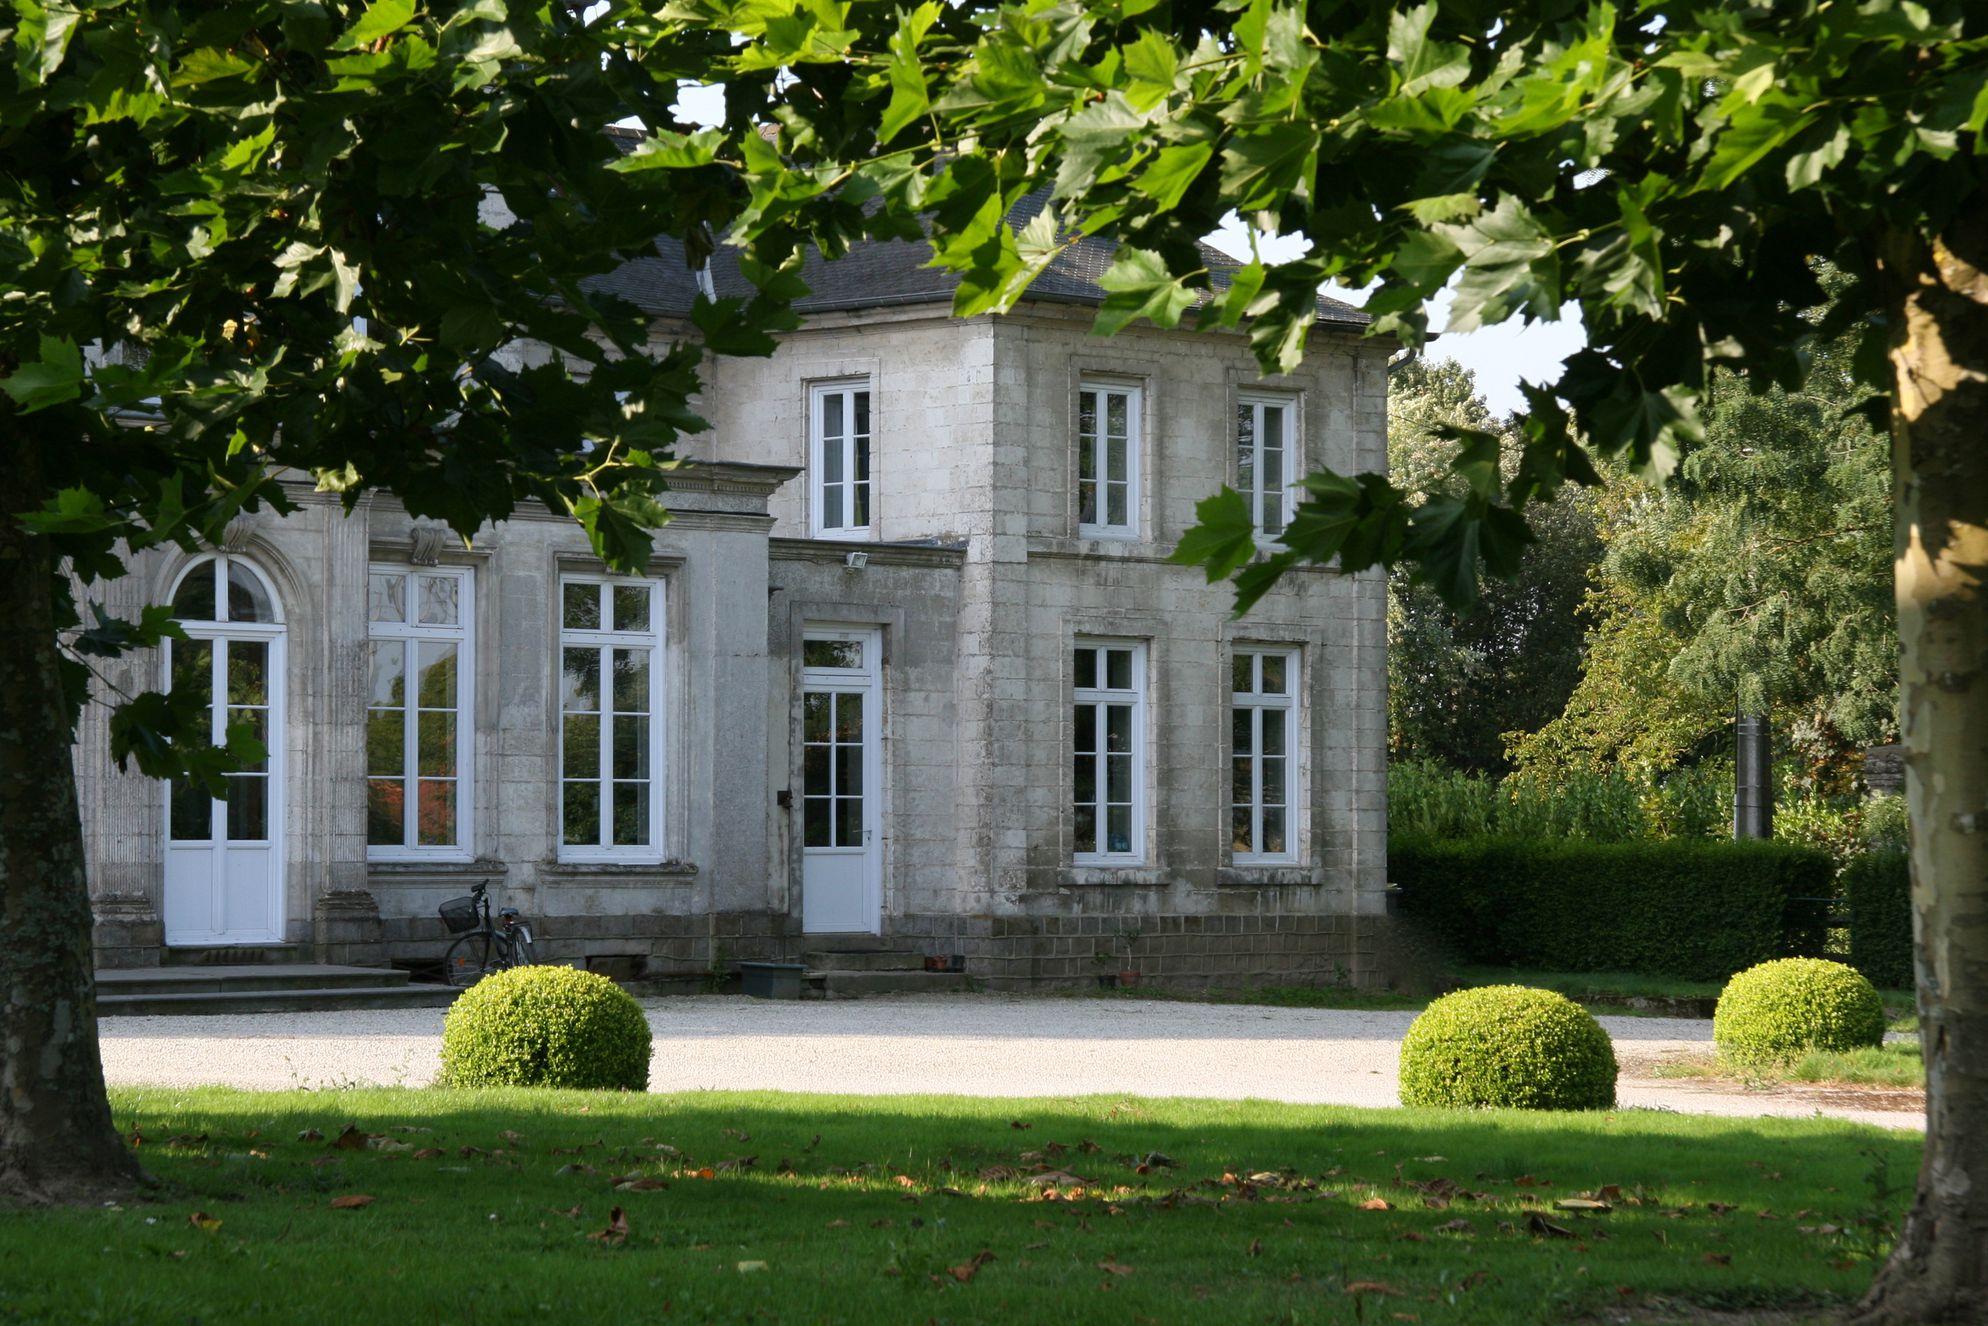 La Cour de Rémi - Gallery